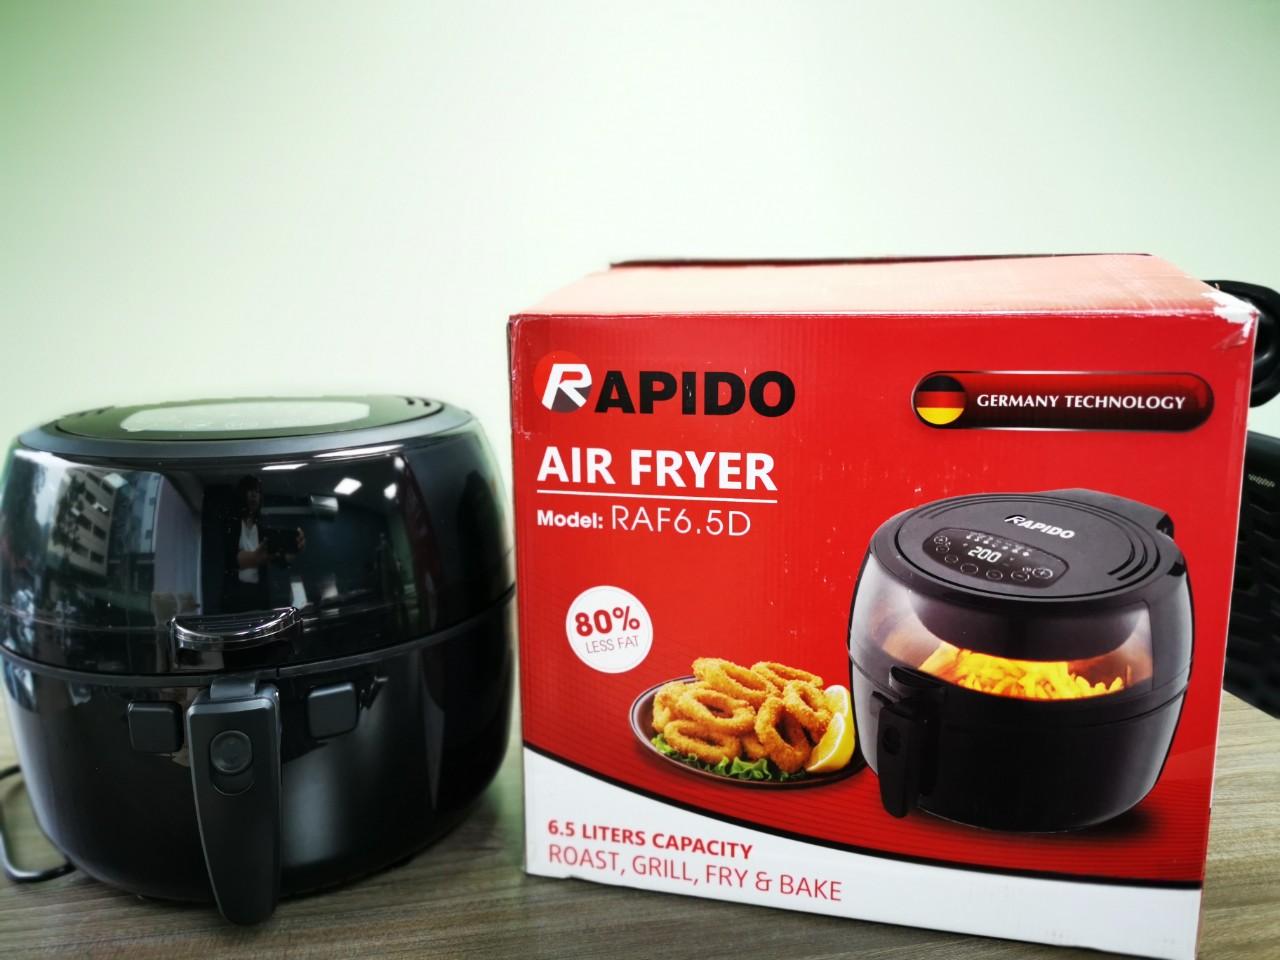 Nồi chiên không dầu Rapido RAF6.5D (Điều khiển điện tử) Tặng khay làm bánh  và chổi quét dầu | Lazada.vn